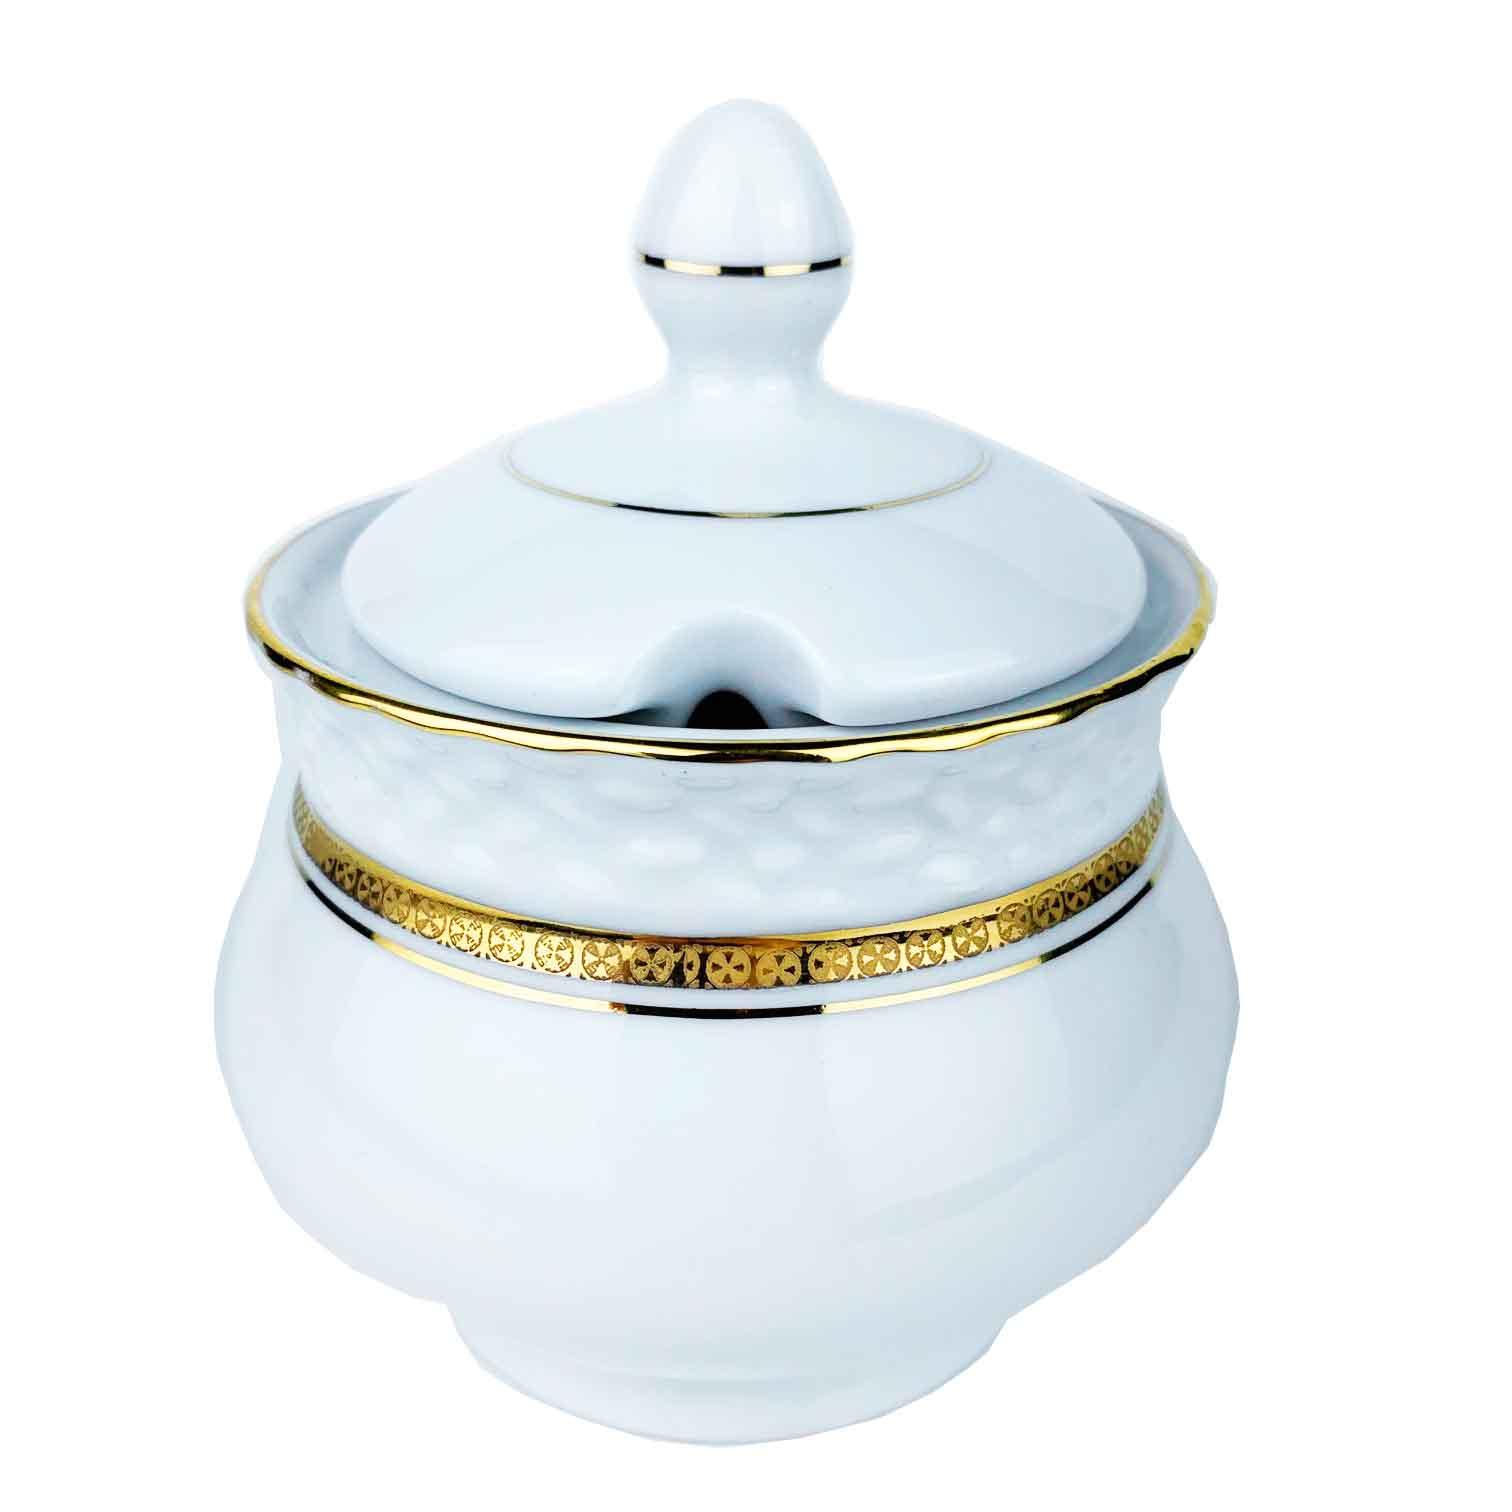 Açucareiro Queen Branco Porcelana c/Filetes Ouro